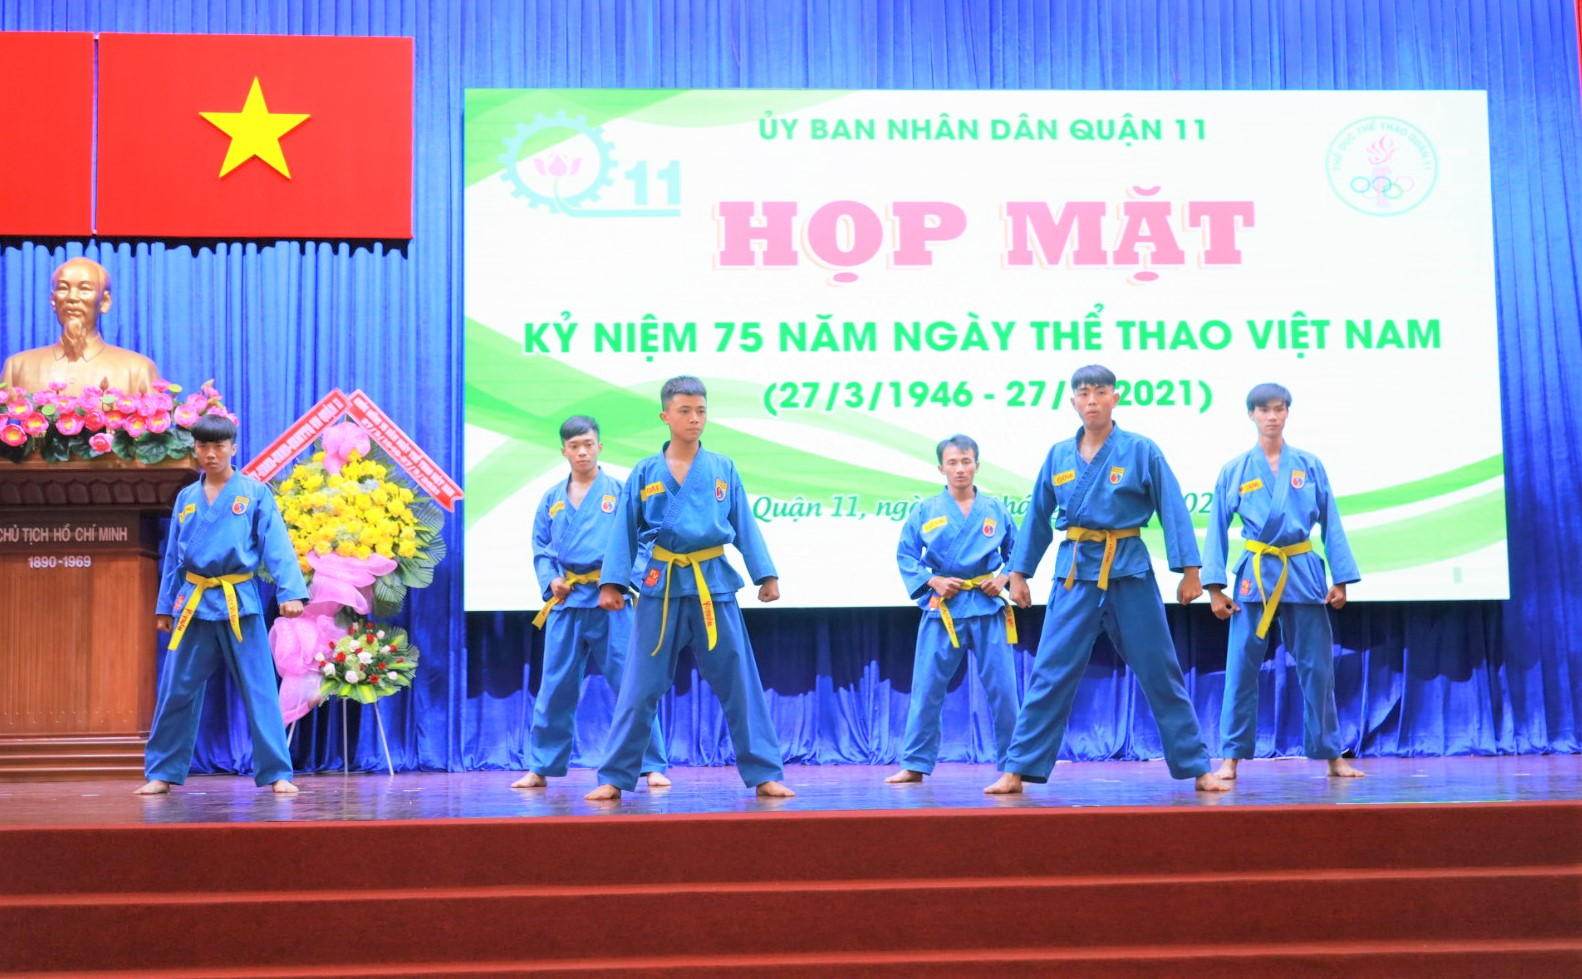 Hình ảnh: Quận 11 tổ chức họp mặt kỷ niệm 75 năm Ngày Thể thao Việt Nam số 1